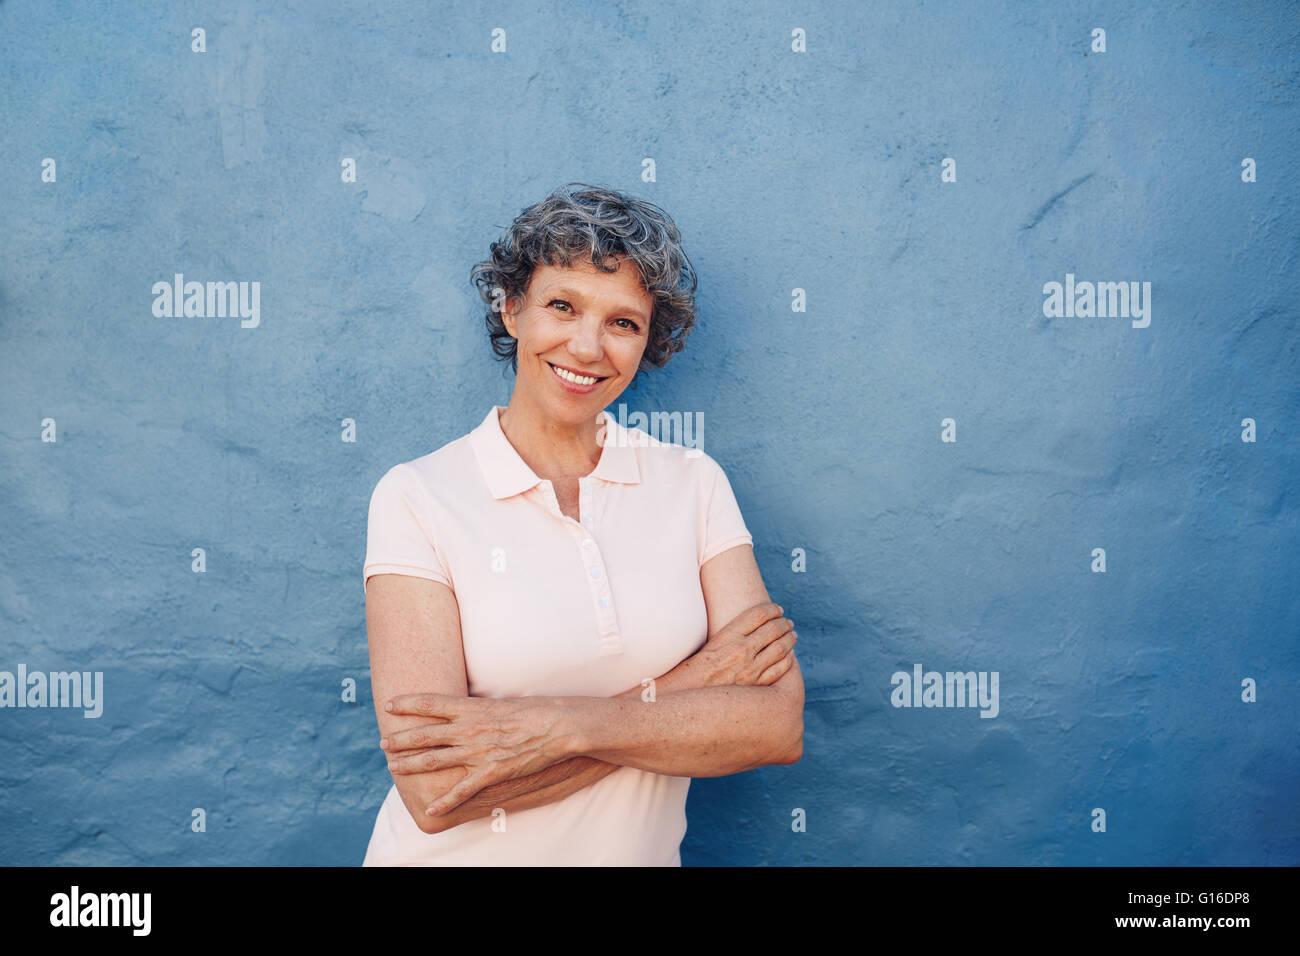 Retrato de mujer madura atractiva con sus brazos cruzados contra el fondo azul permanente. Ella se inclina hacia Imagen De Stock